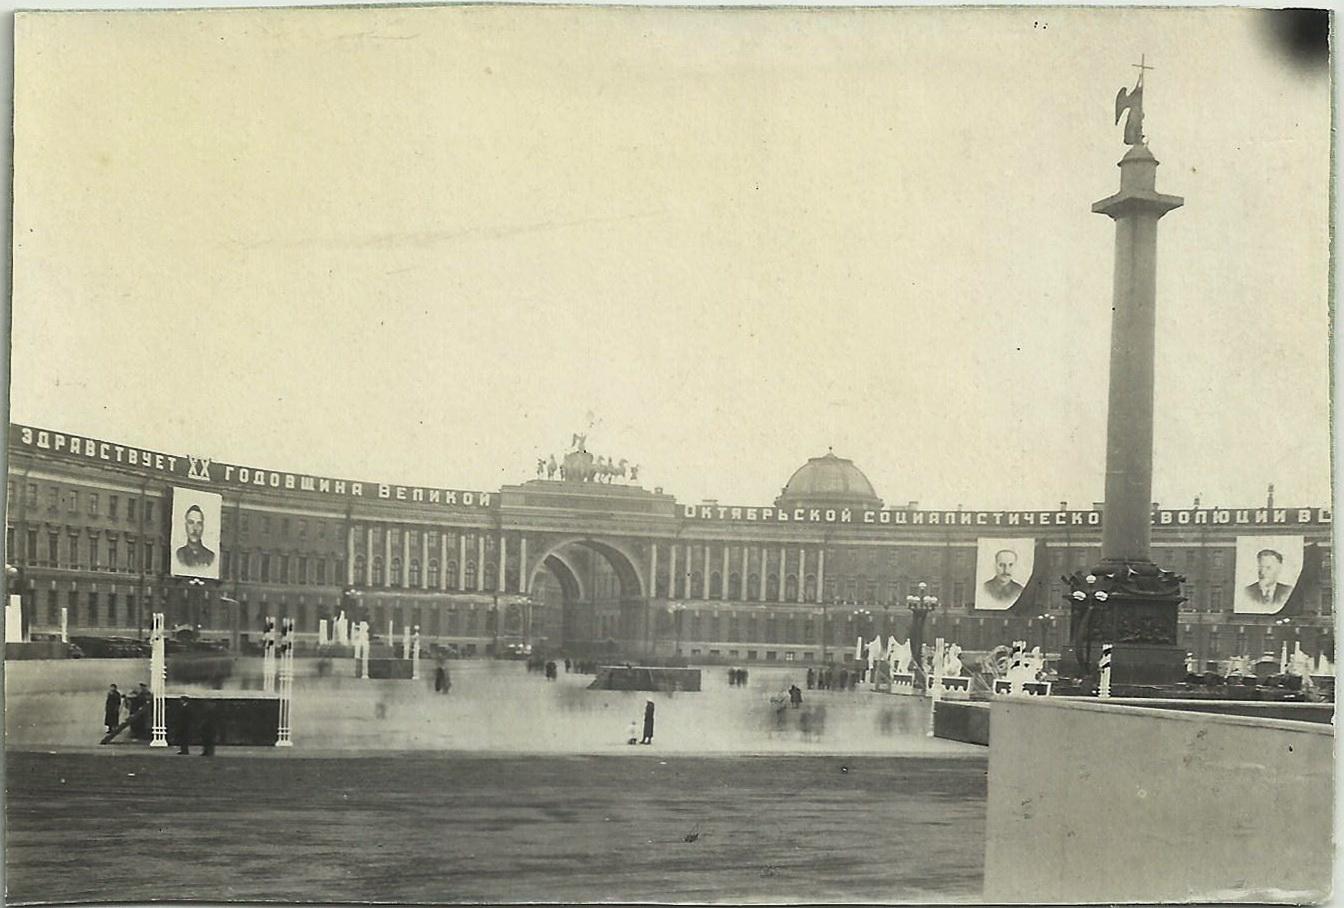 1937.  ХХ годовщина Октября. Ленинград